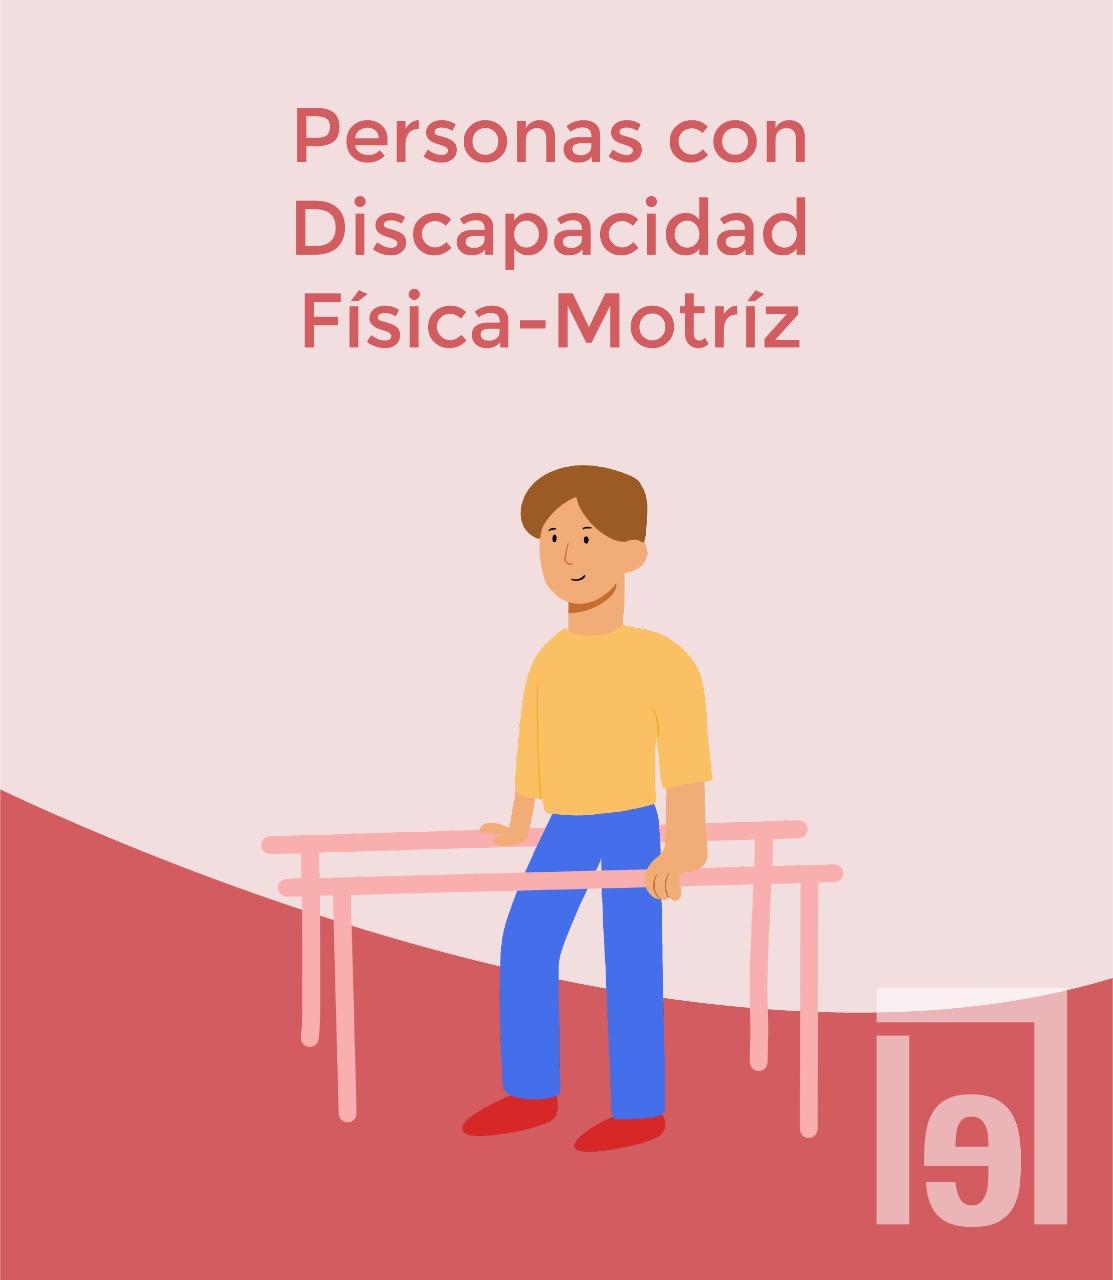 Personas con Discapacidad Física-Motriz, debajo la imagen de una persona en barras de rehabilitación motriz